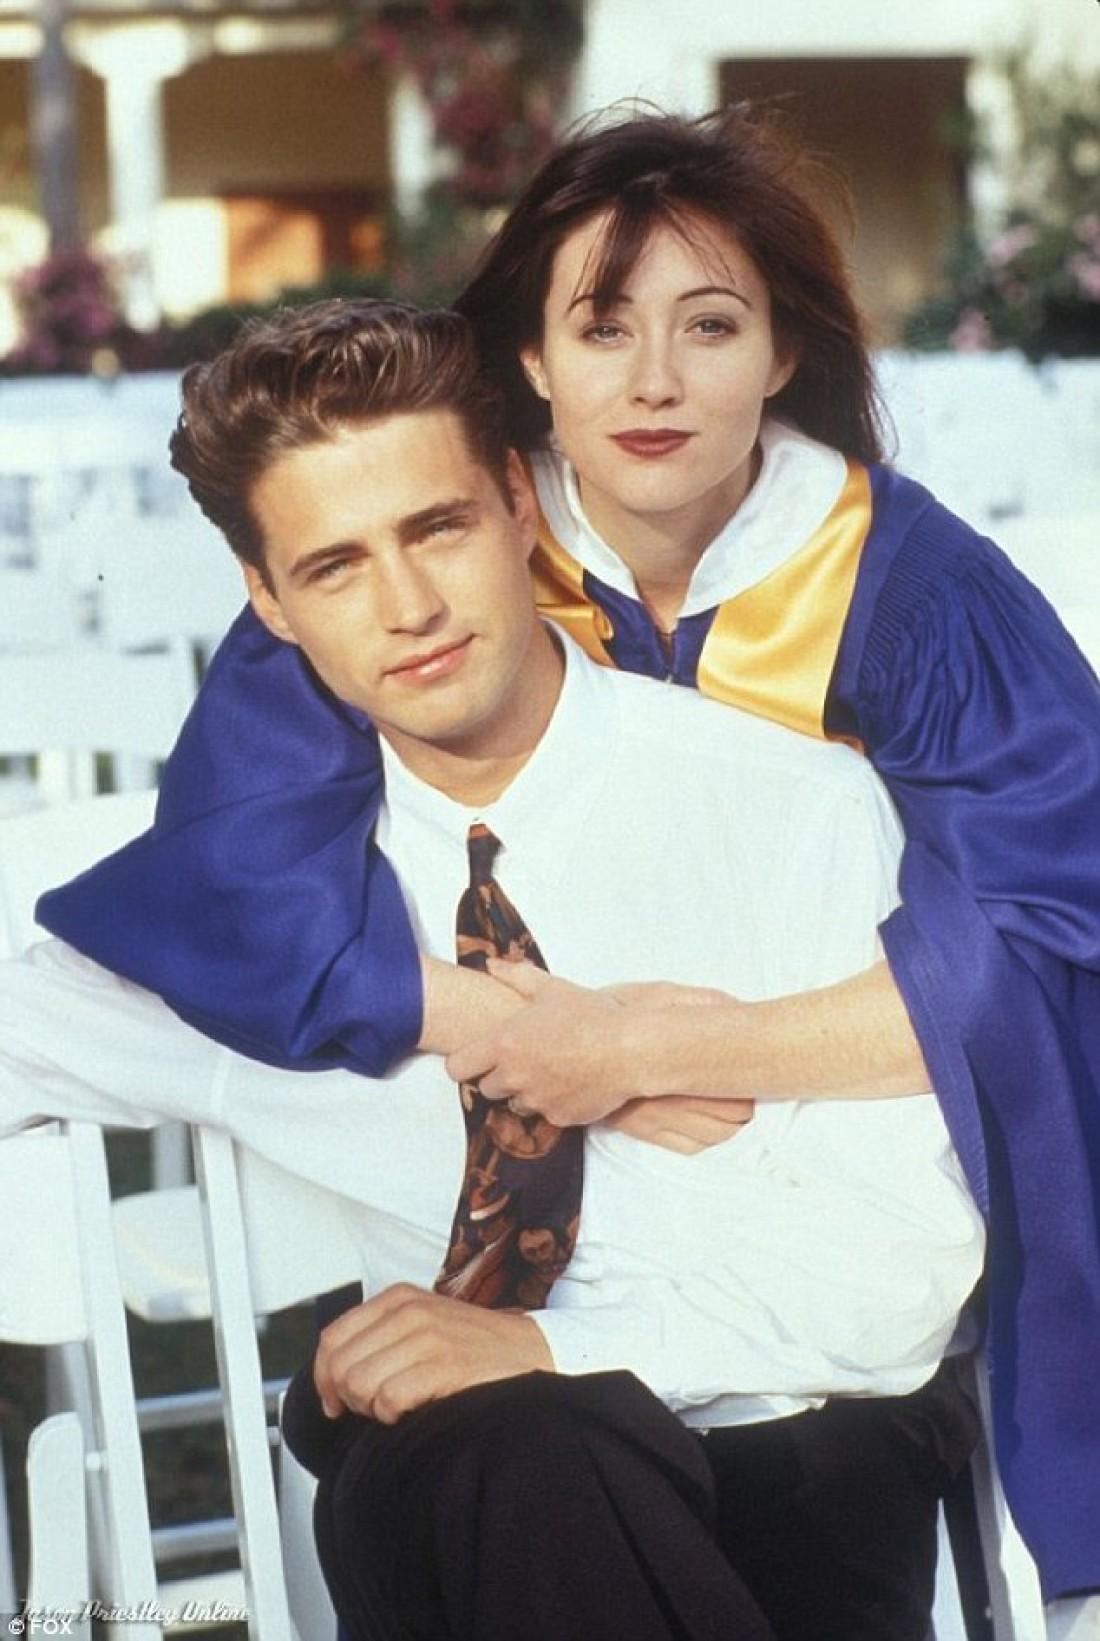 Брэнда и Брэндон в сериале Беверли-Хиллз 90210